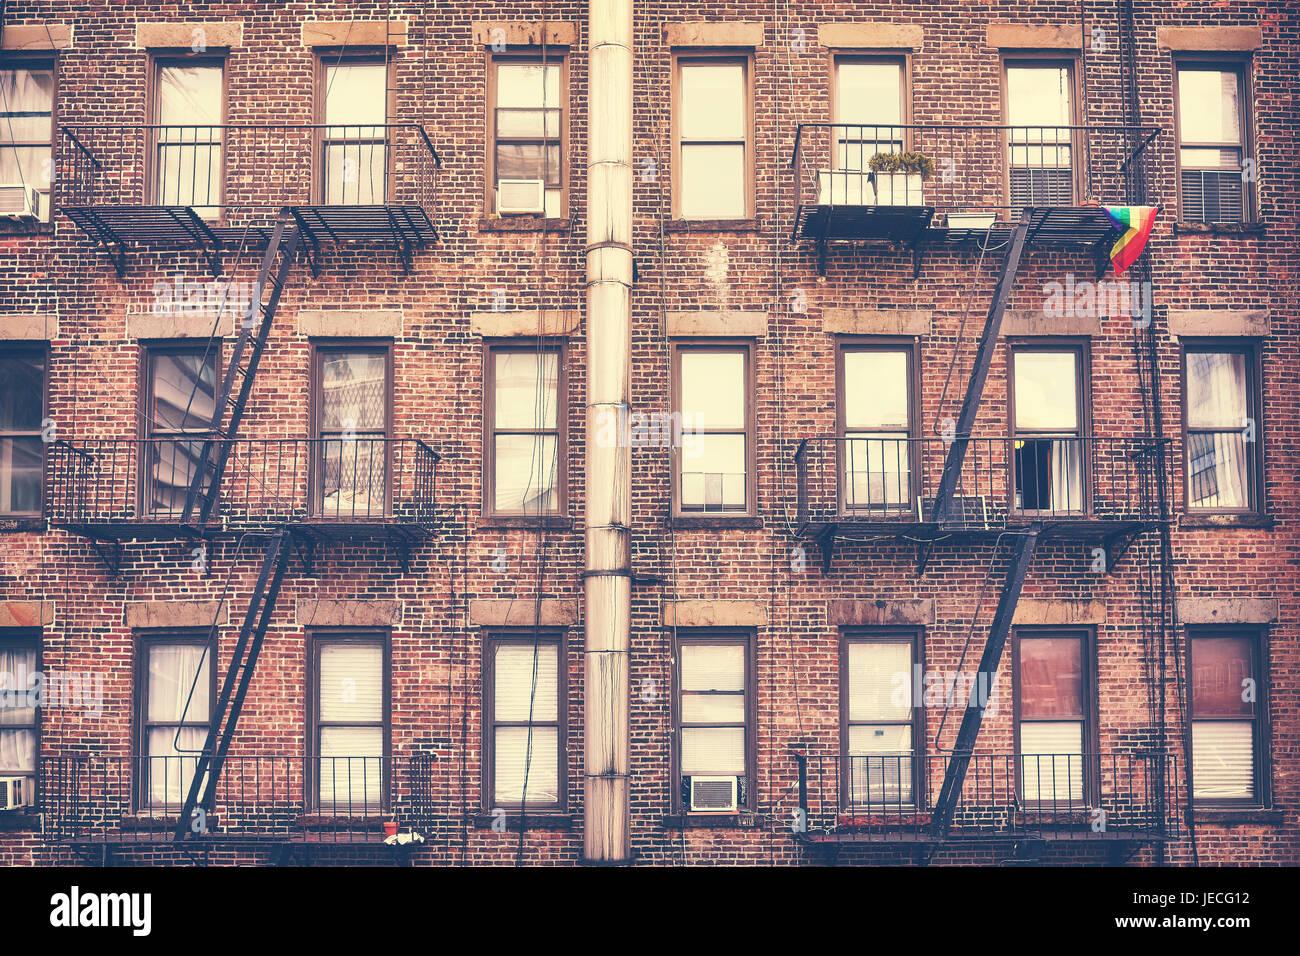 Alte film Retro-Stil Foto eines Gebäudes mit Feuerleiter, eines der Wahrzeichen New York City, USA. Stockbild